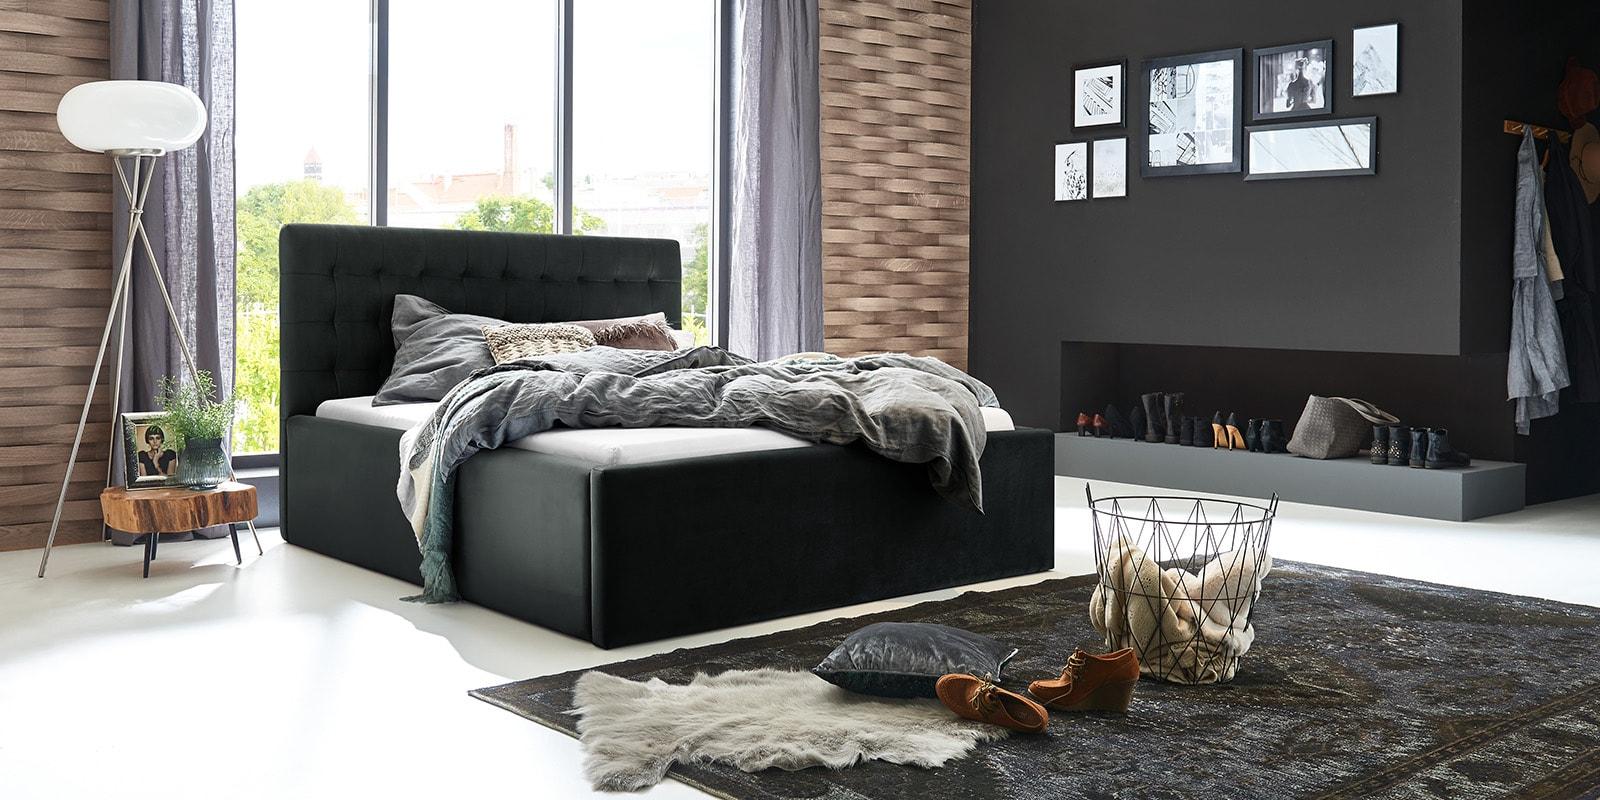 Moebella24 - Bett - mit - Bettkasten - Molly - Samt - Anthrazit - Stauraum - Bettkasten - und - Lattenrost - vormontiert - verstärkte - Dämpfer - Von - vorne - links